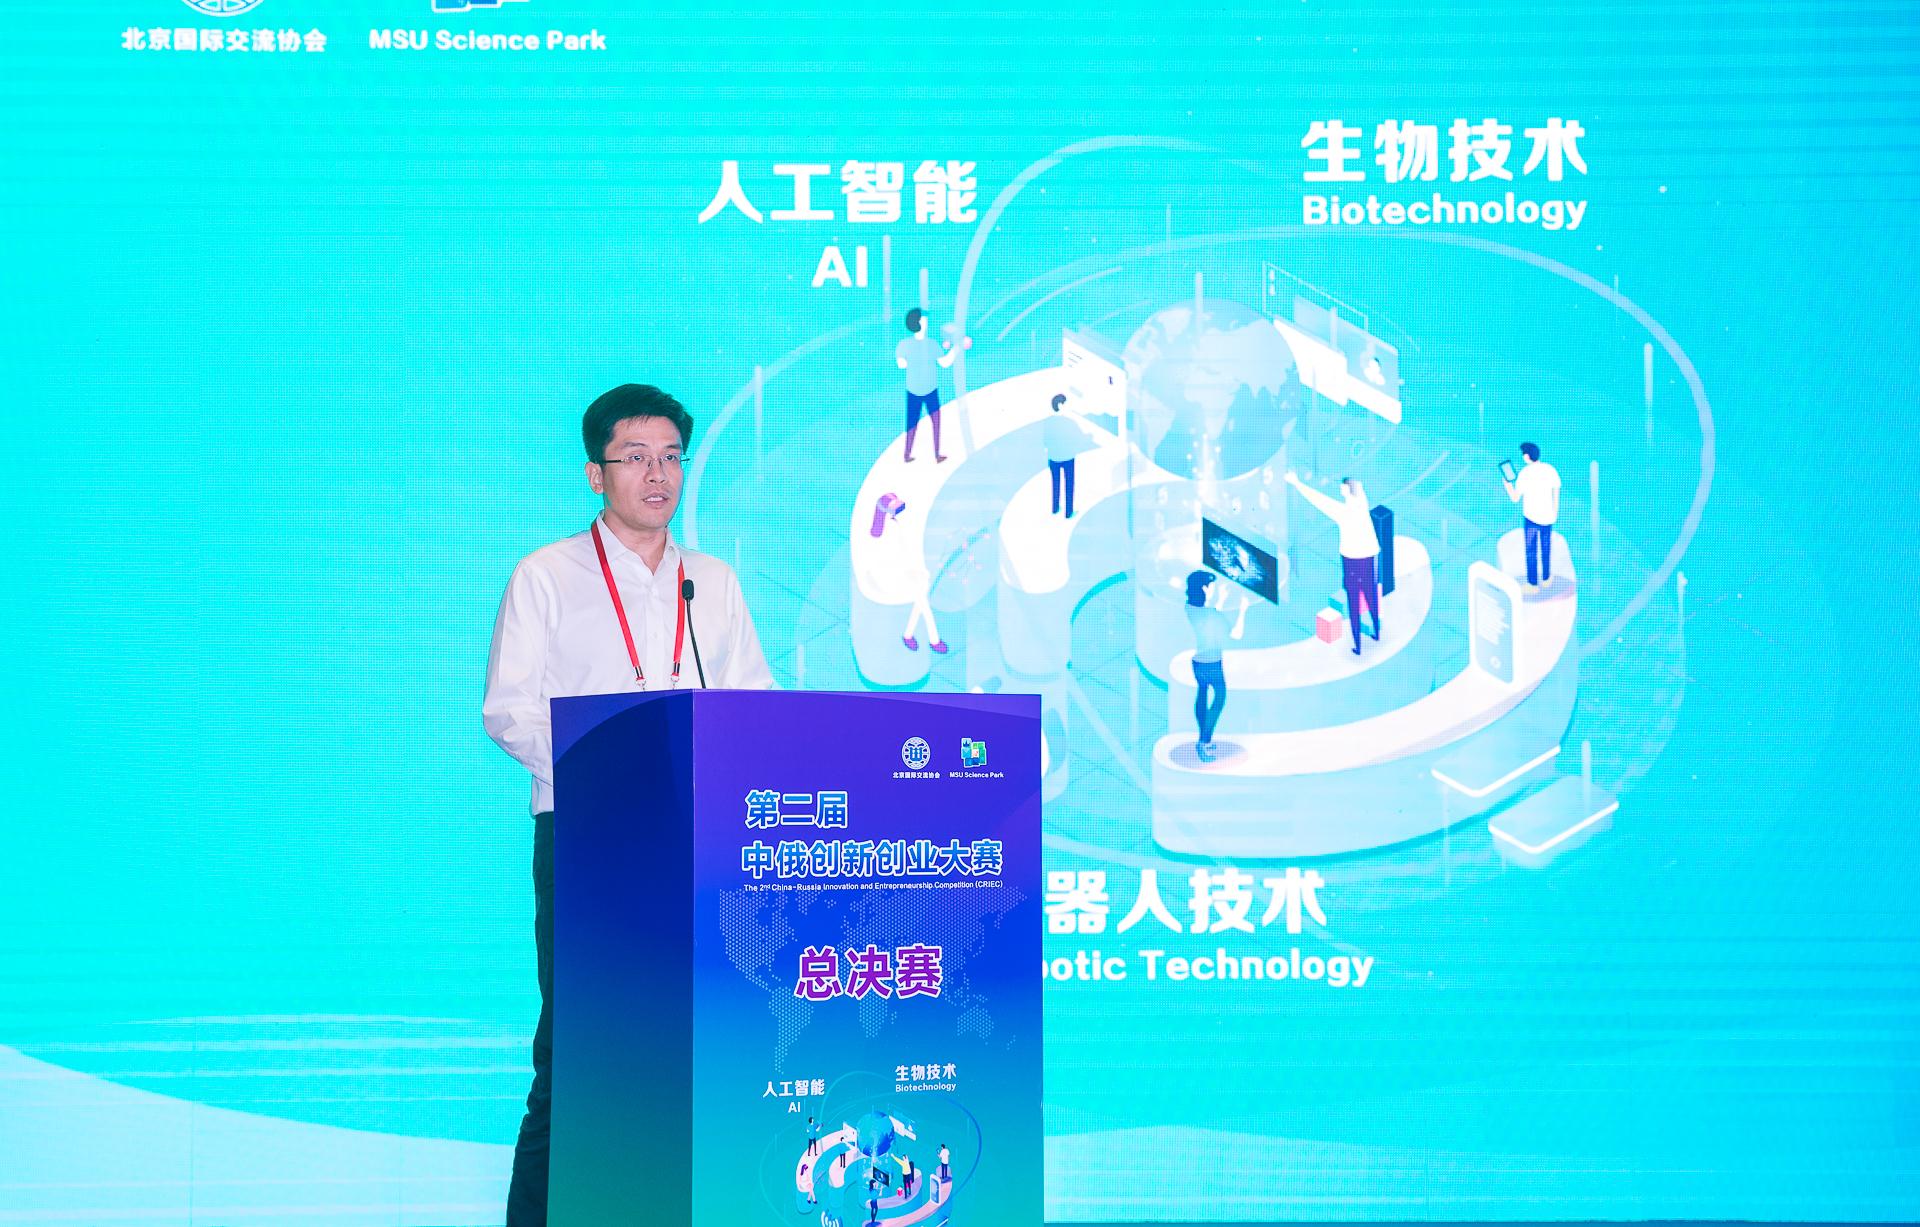 6 августа прошёл Финал Второго китайско-российского конкурса инноваций и предпринимательства